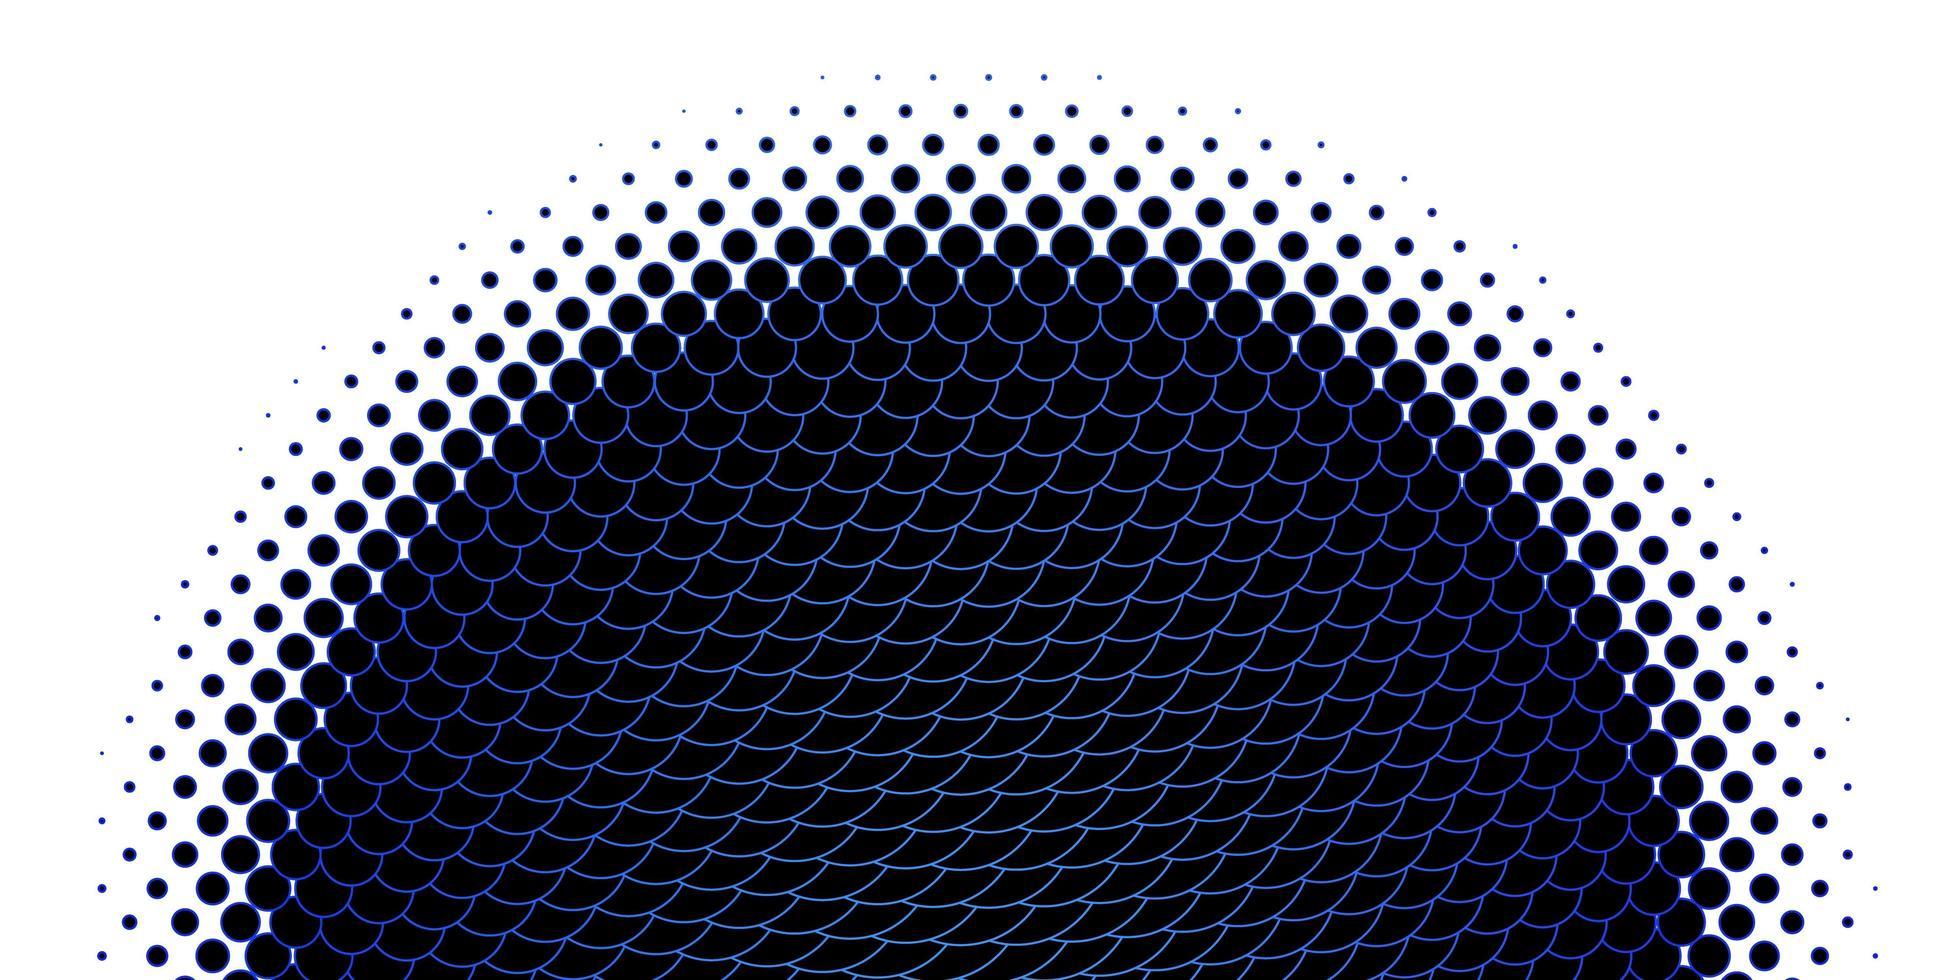 hellblau umrissene Kreise Vorlage vektor